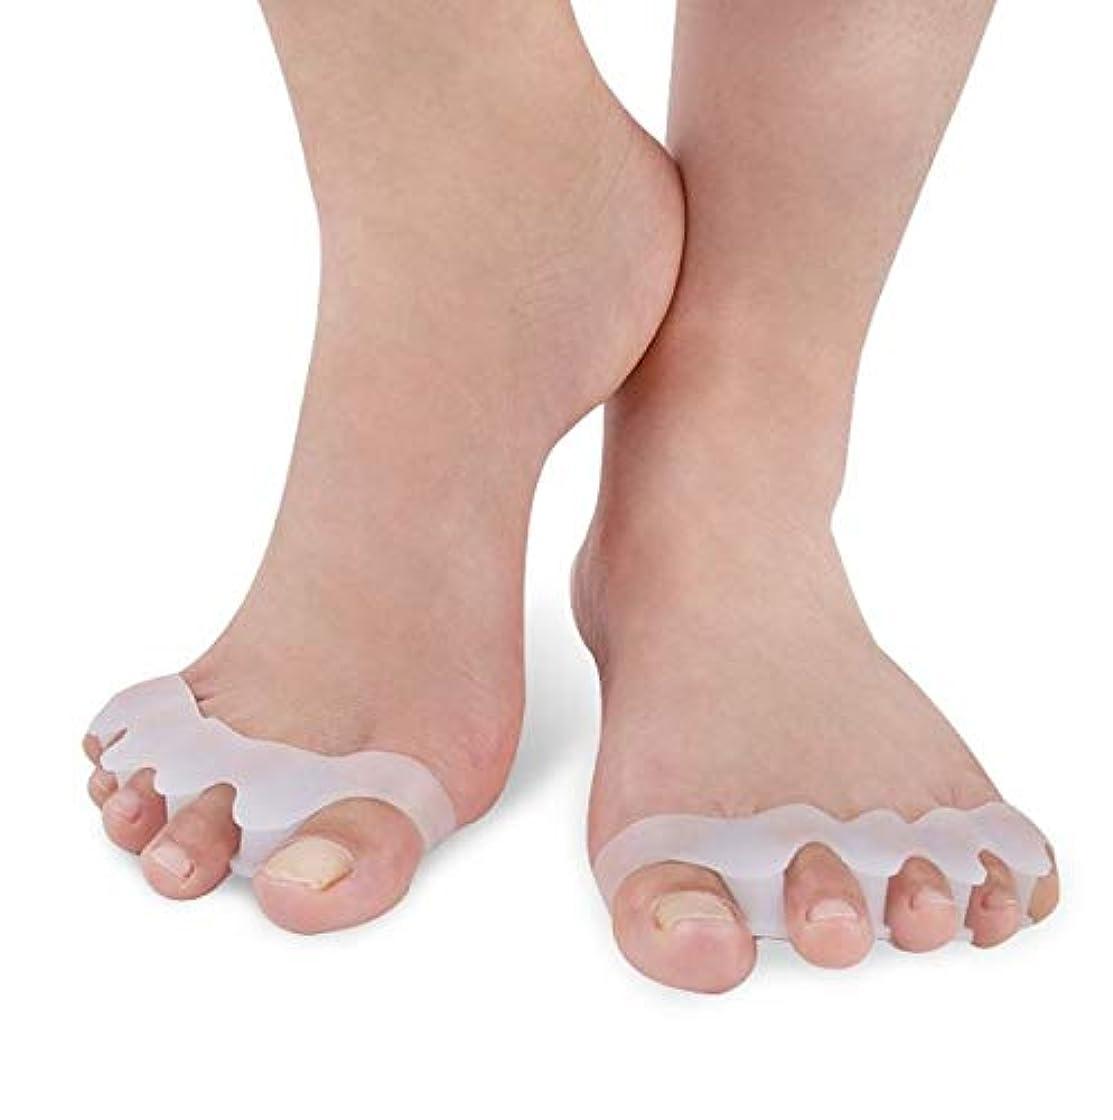 選ぶカンガルー喜ぶJMARS (ジェイマーズ) 日本人女性用 足指サポーター 柔らかシリコン製 水洗い対応可能品